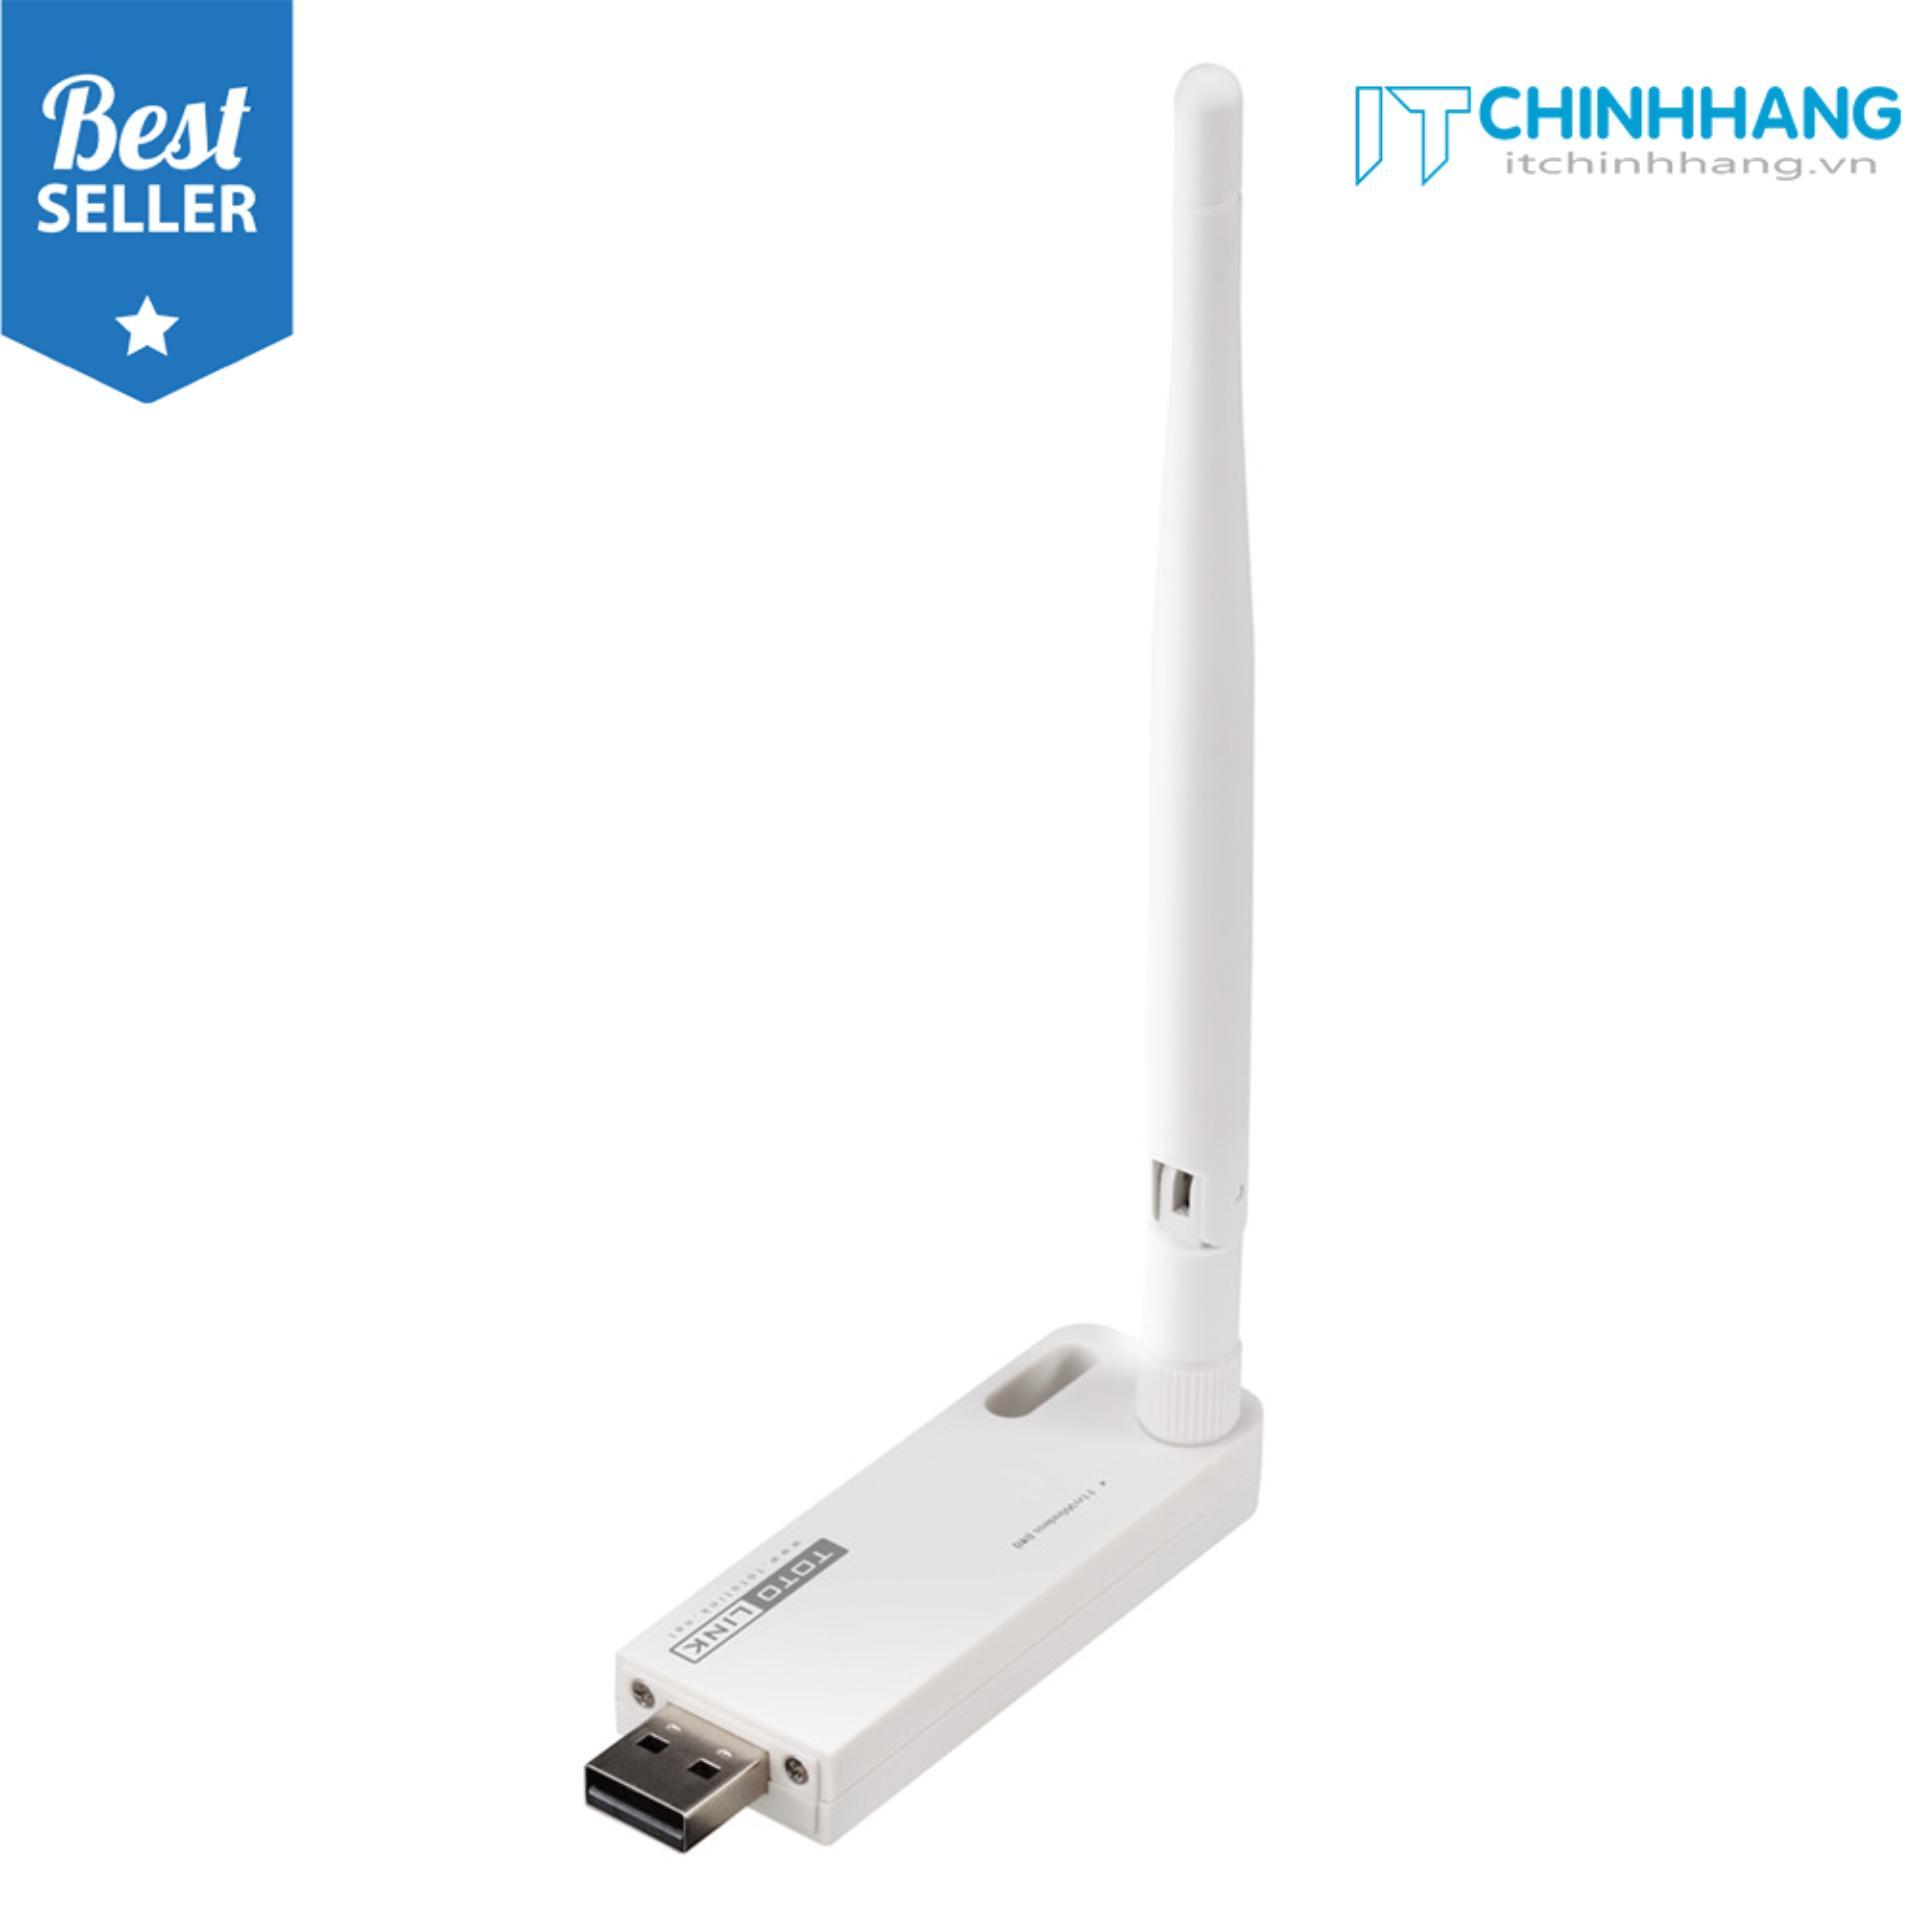 Hình ảnh Thiết Bị Kích sóng Wifi Repeater ToToLink EX100 (Trắng) - HÃNG PHÂN PHỐI CHÍNH THỨC